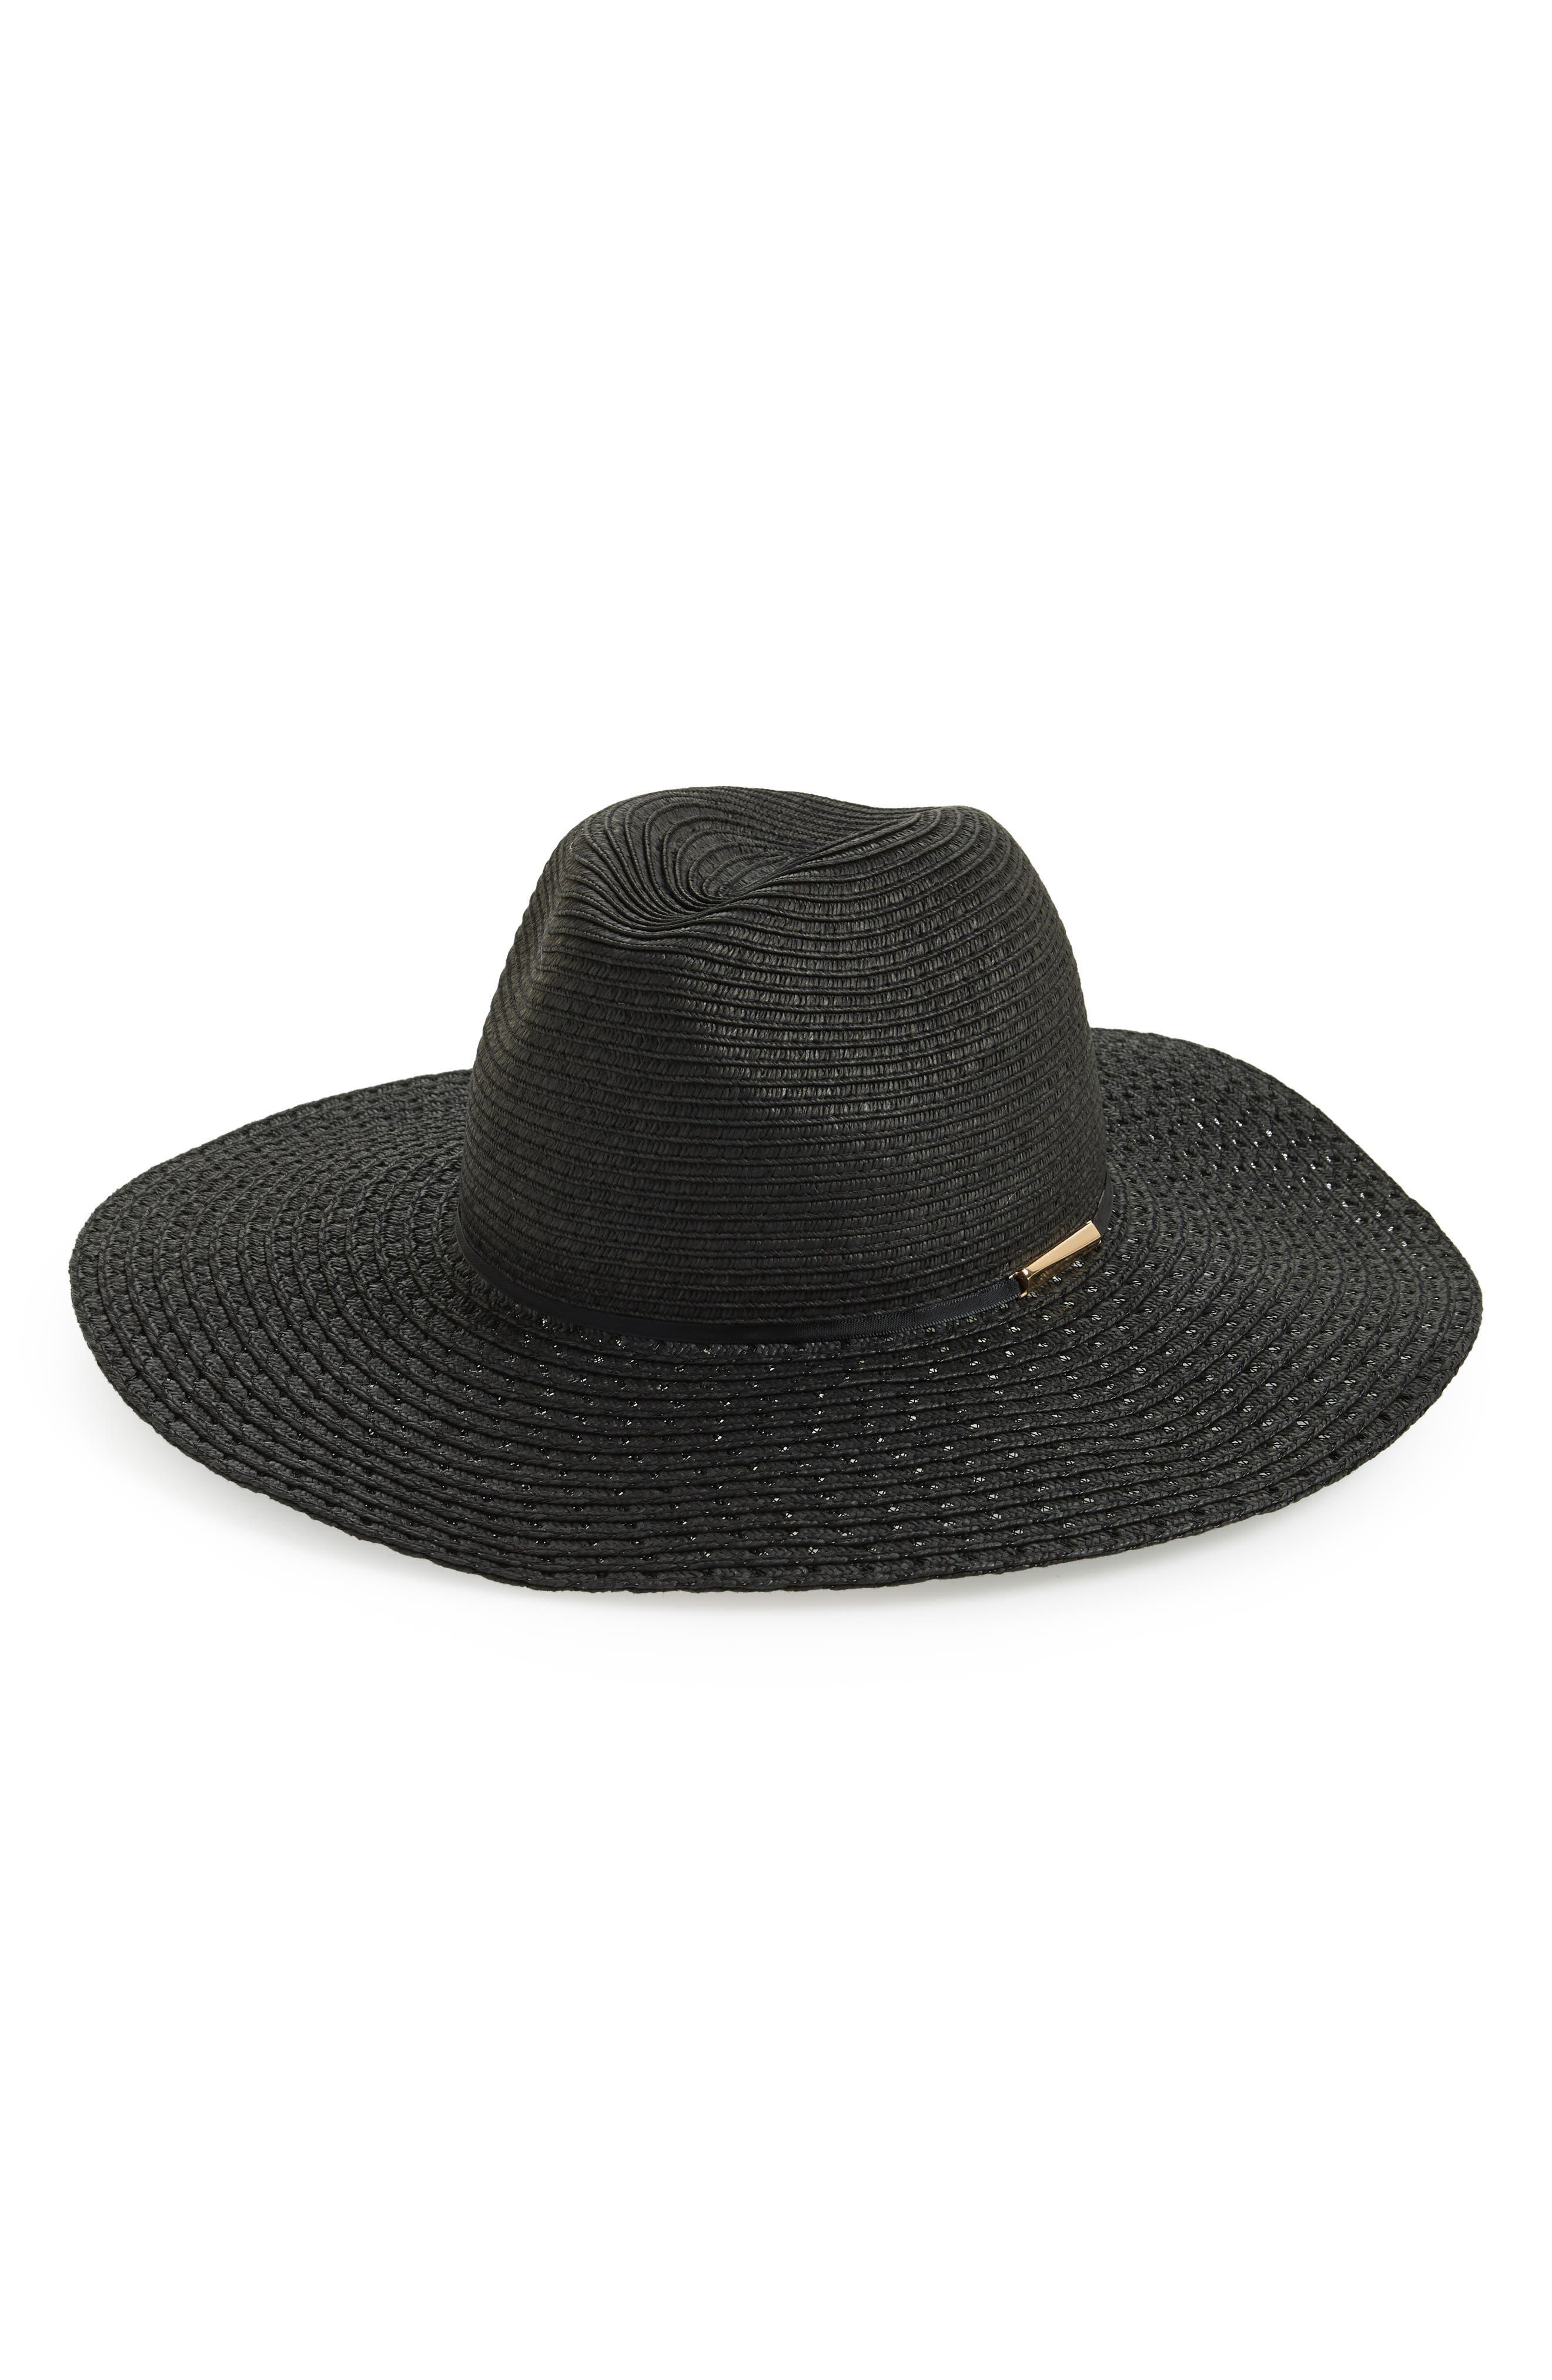 Straw Panama Hat,                             Main thumbnail 1, color,                             001